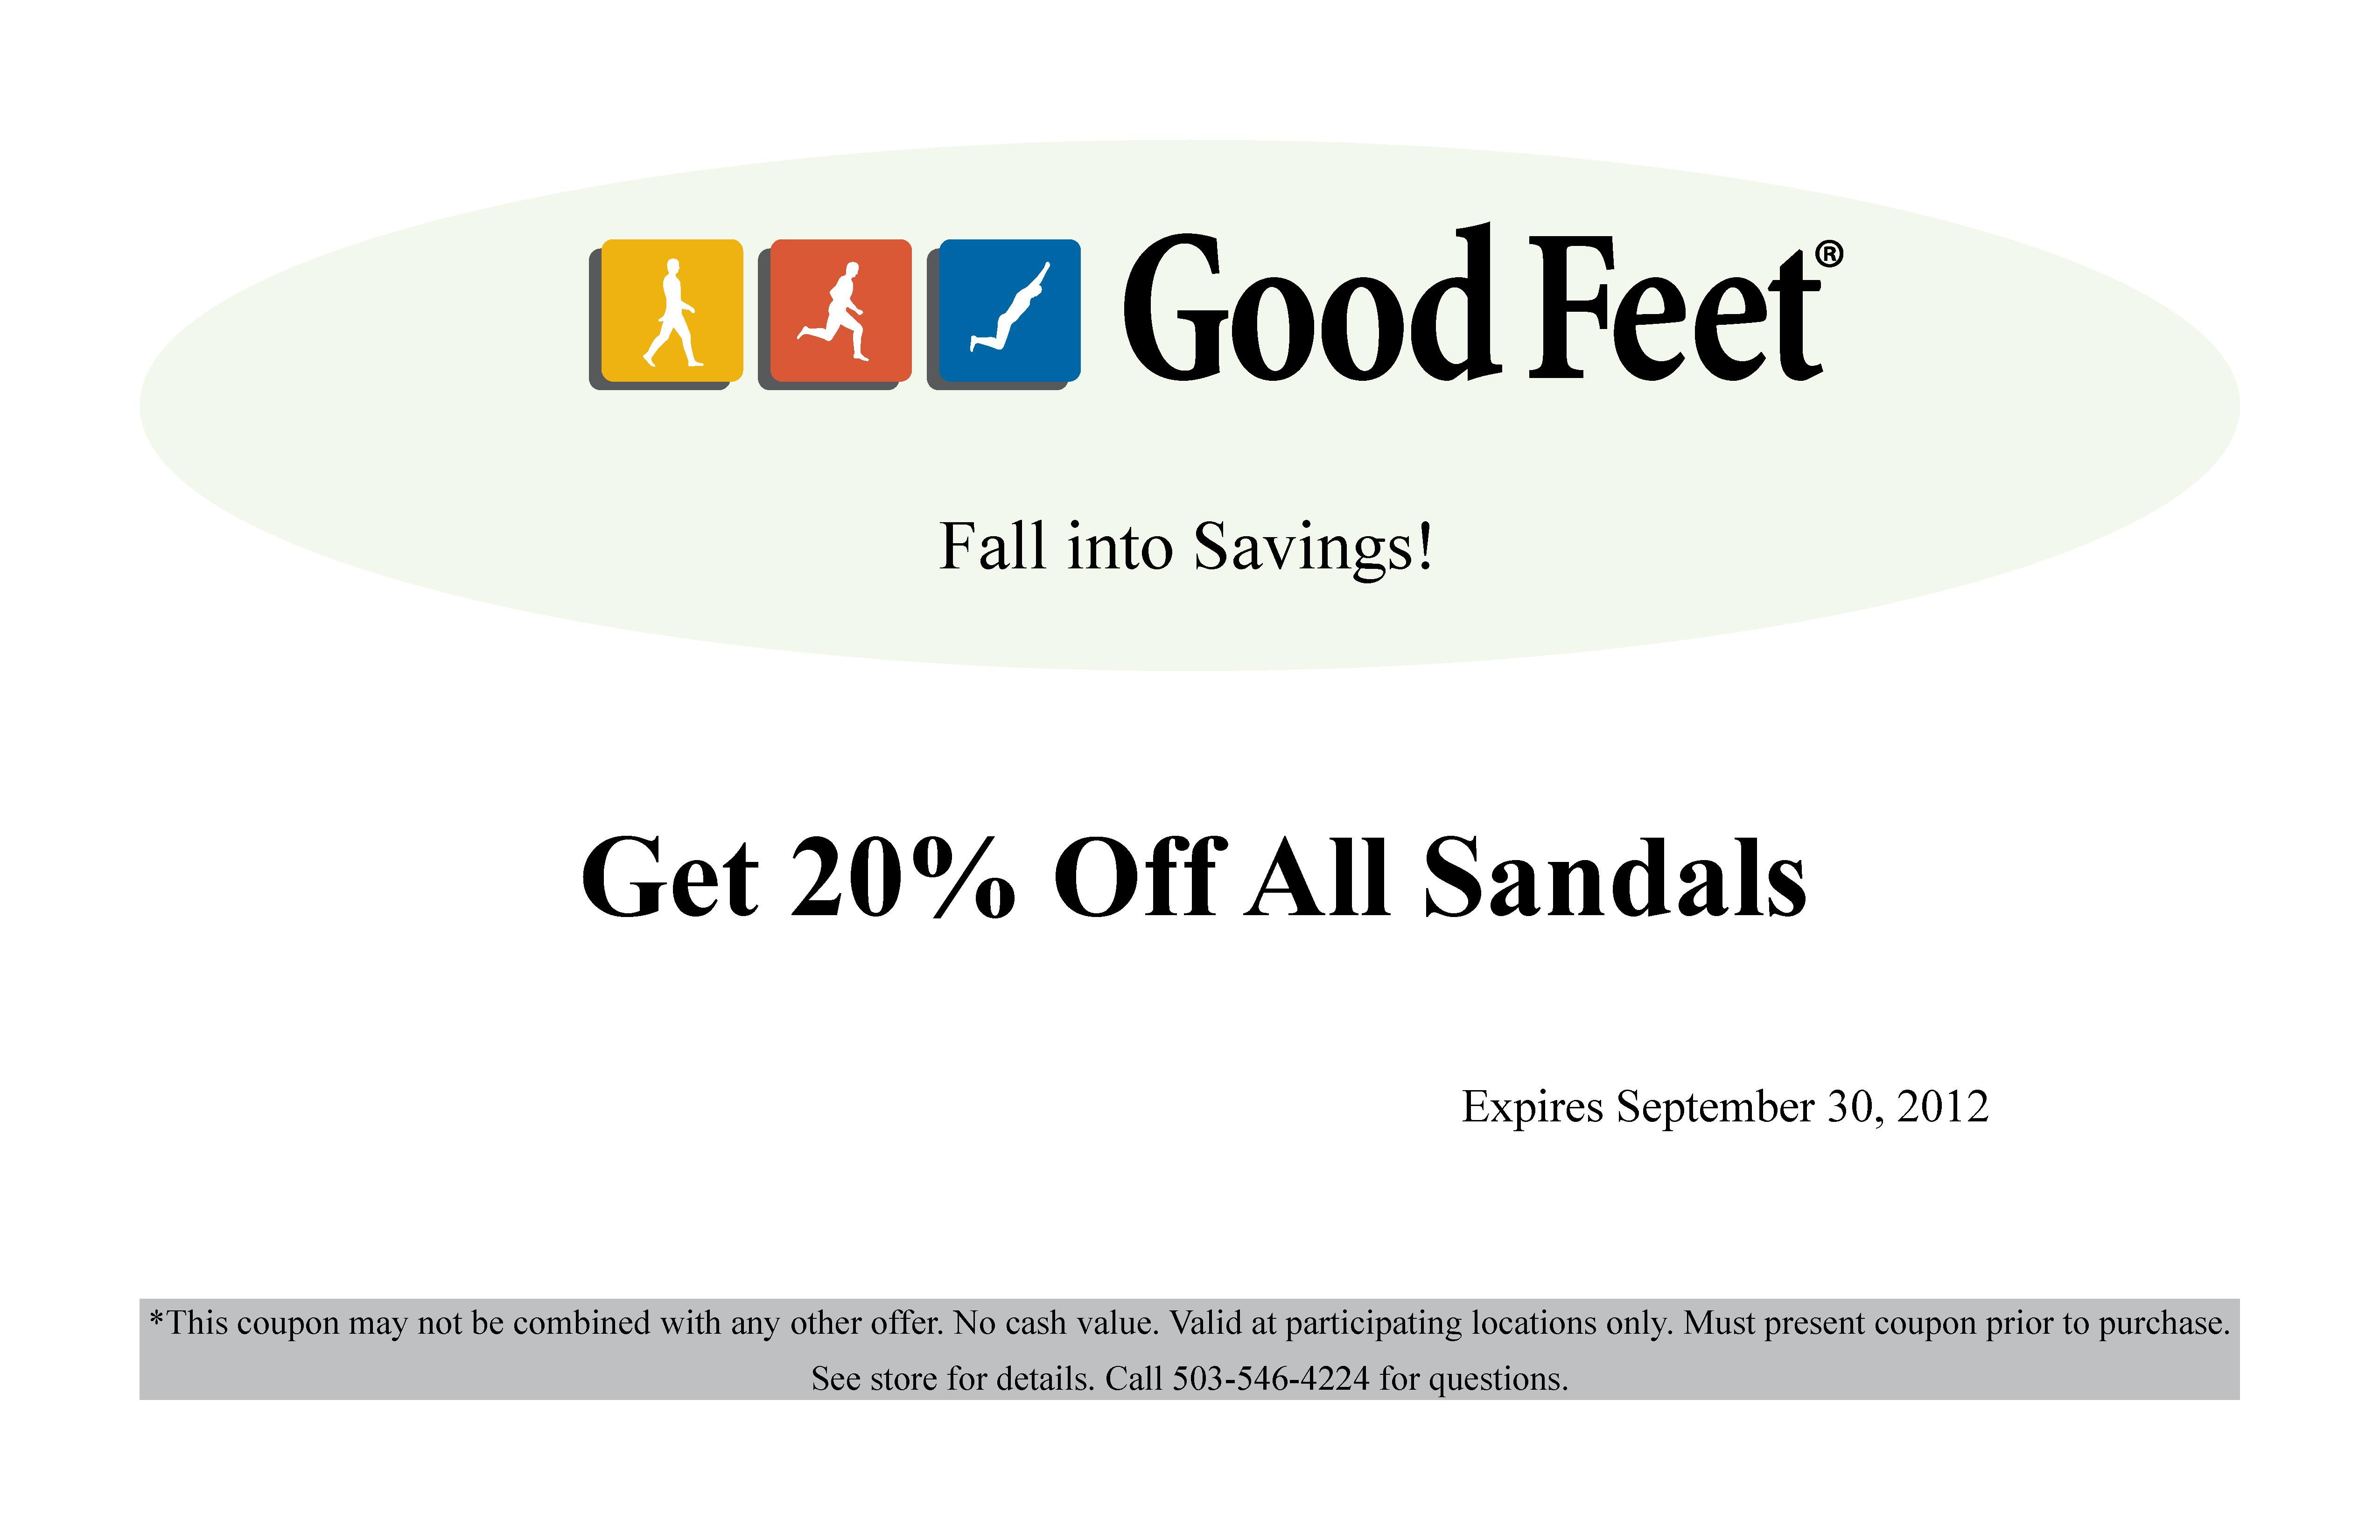 Fall into Savings!